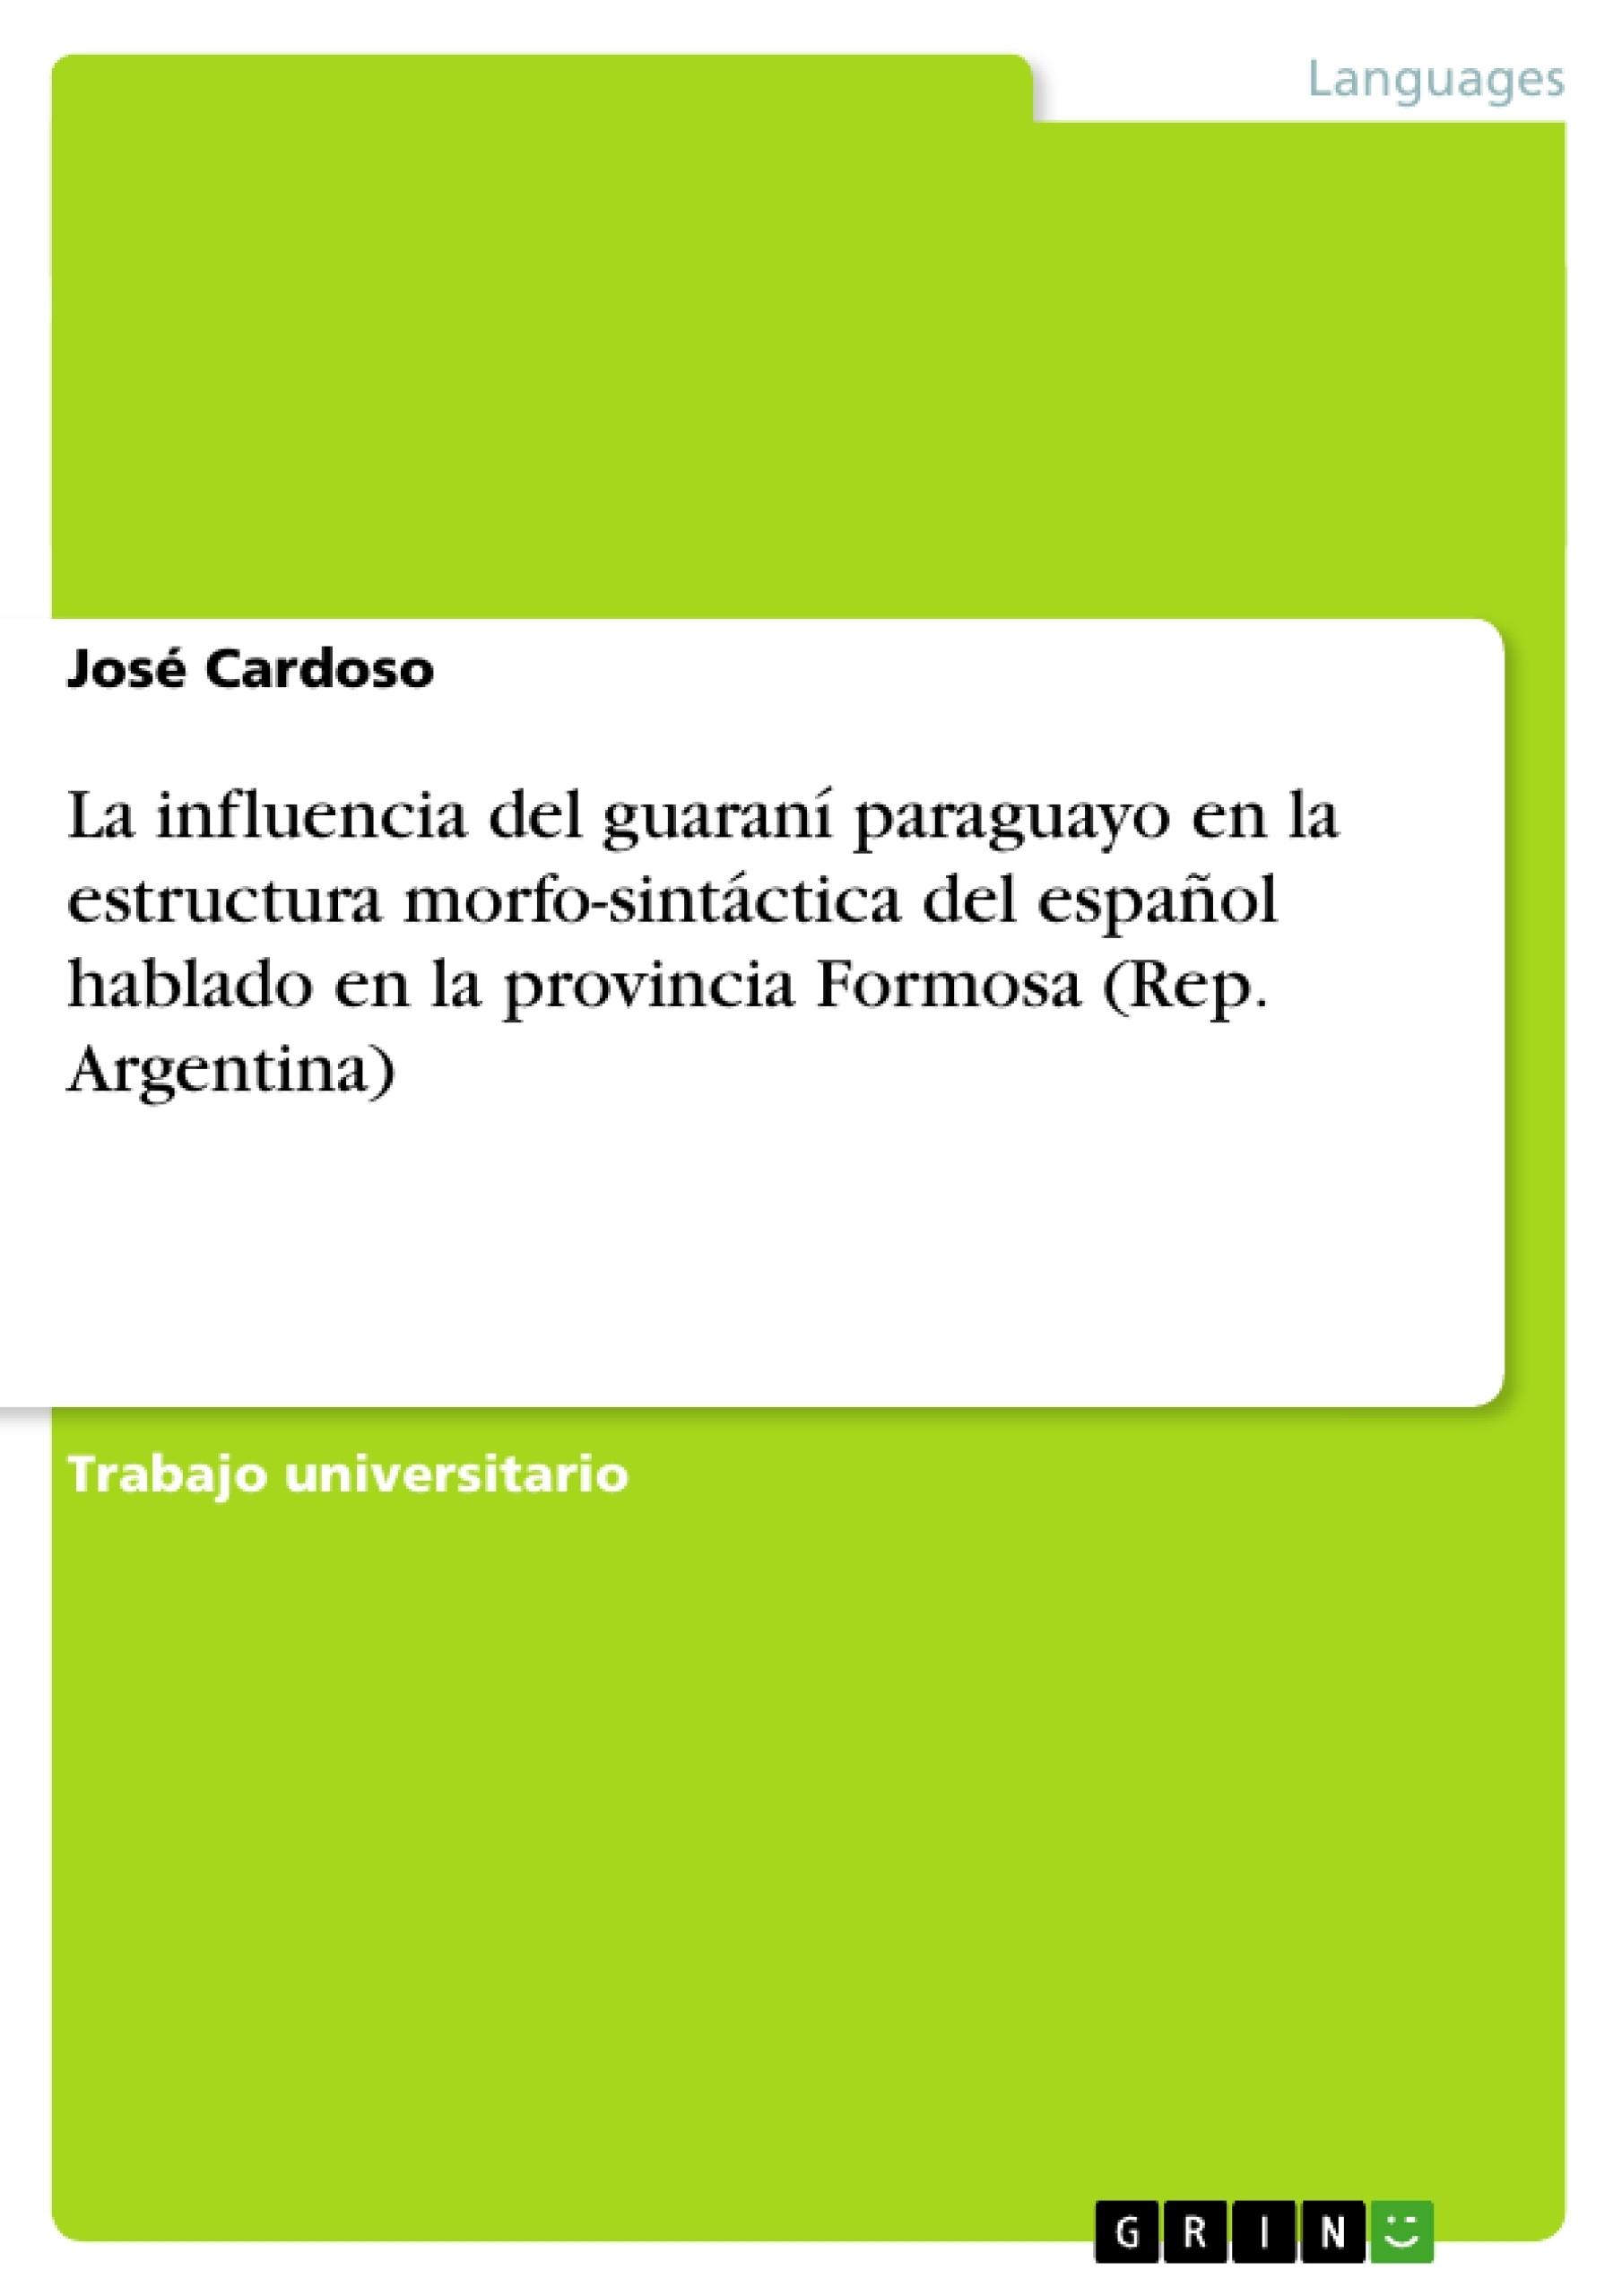 Título: La influencia del guaraní paraguayo en la estructura morfo-sintáctica del español hablado en la provincia Formosa (Rep. Argentina)